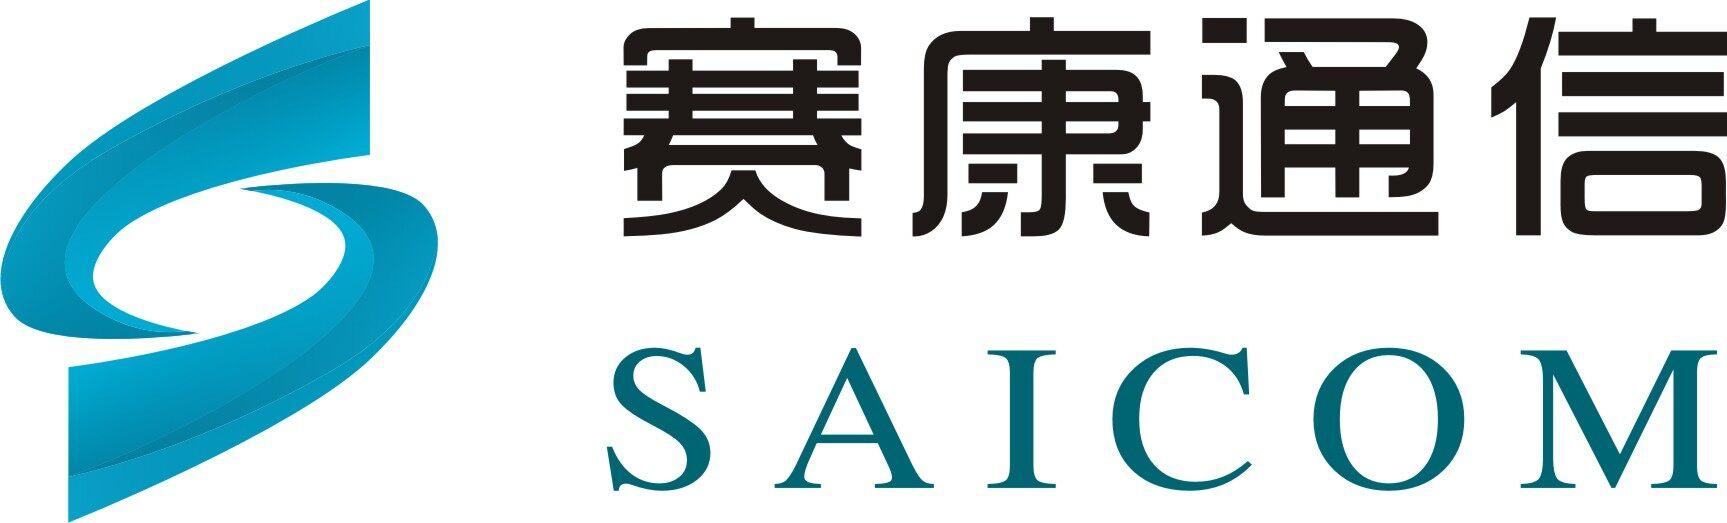 杭州赛康通信技术有限公司